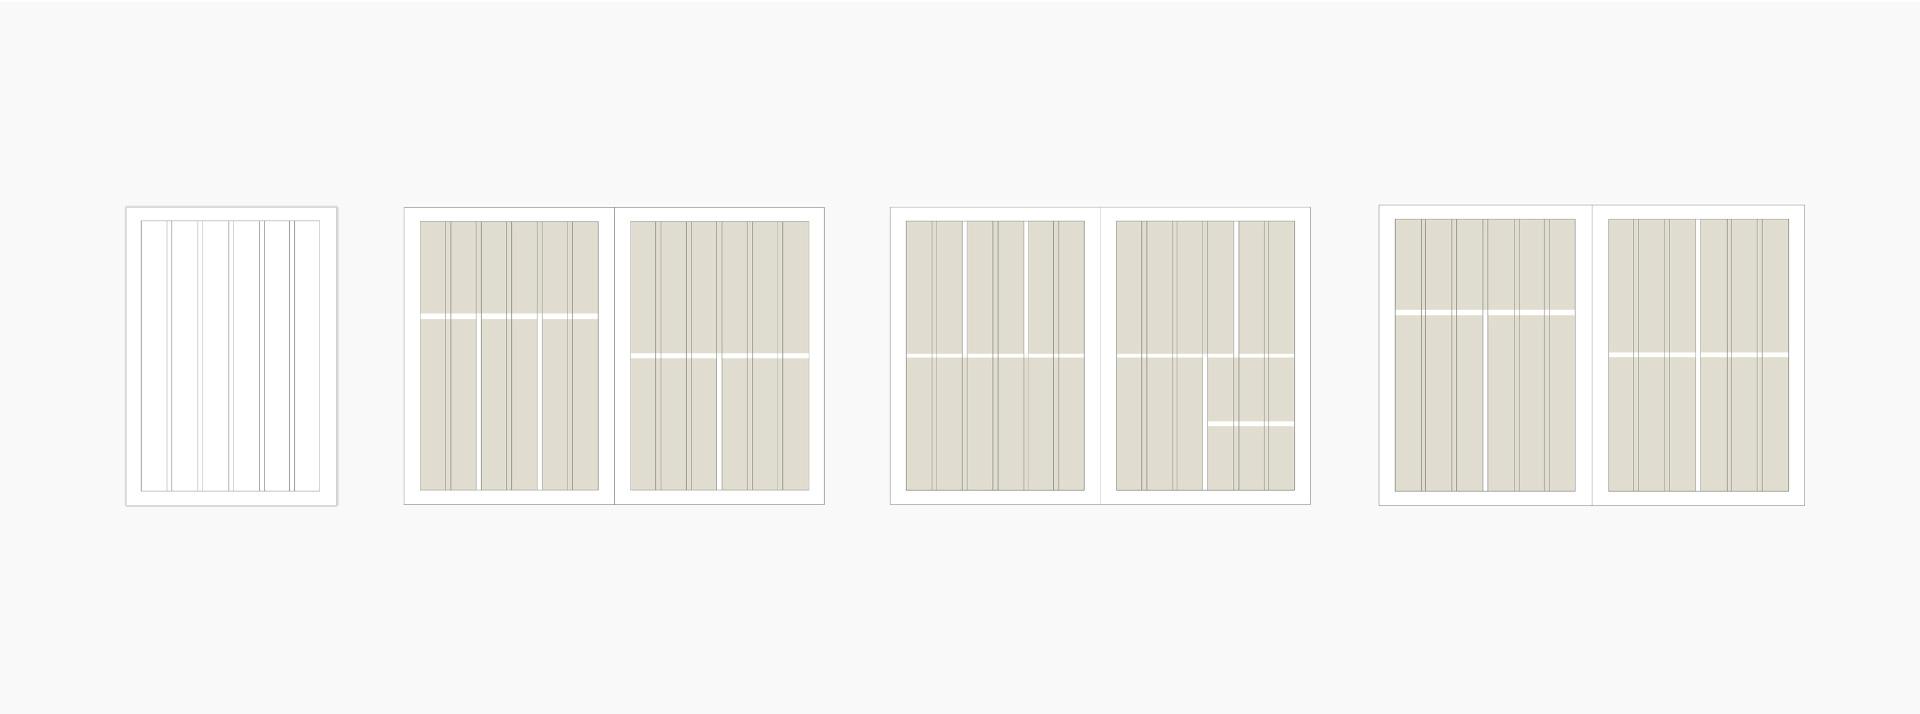 Vier verschiedene Raster die den Satzspiegel fuer Printmaterial Attnang-Puchheim zeigen